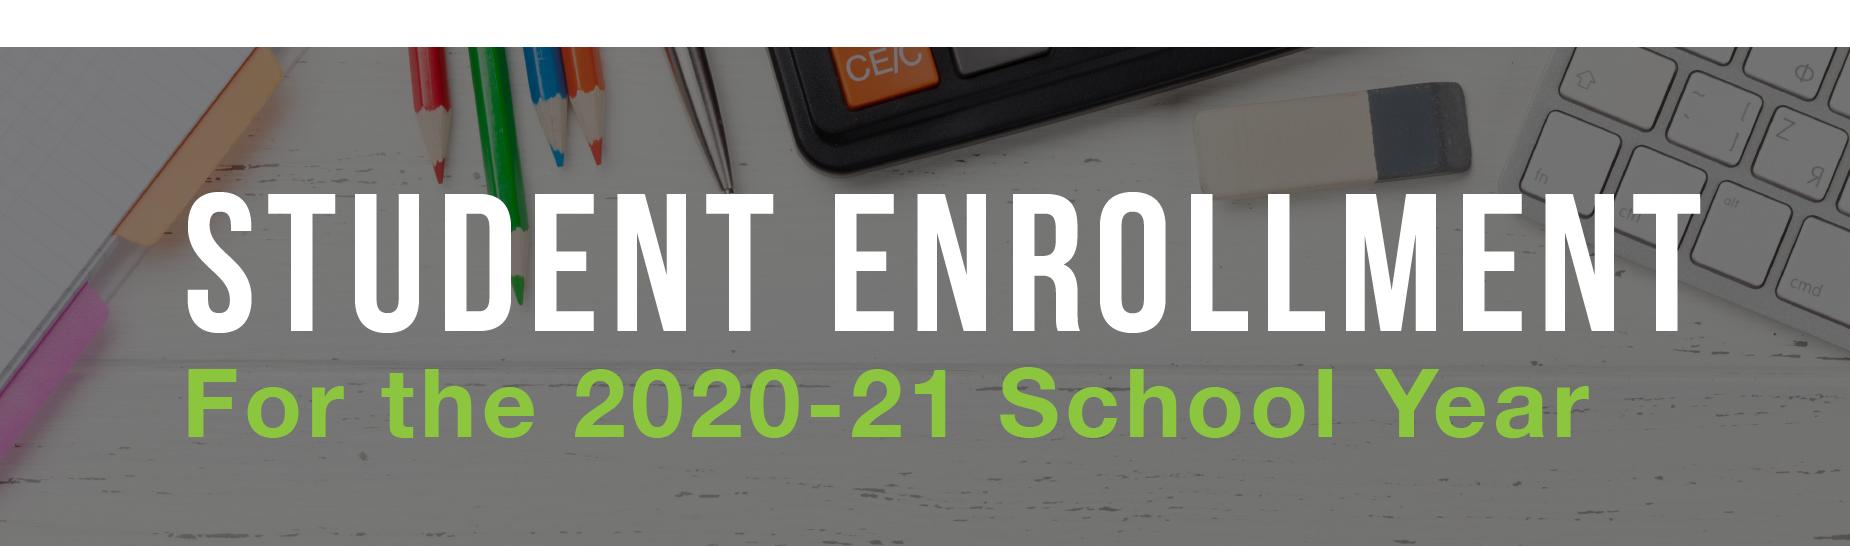 Student Enrollment banner